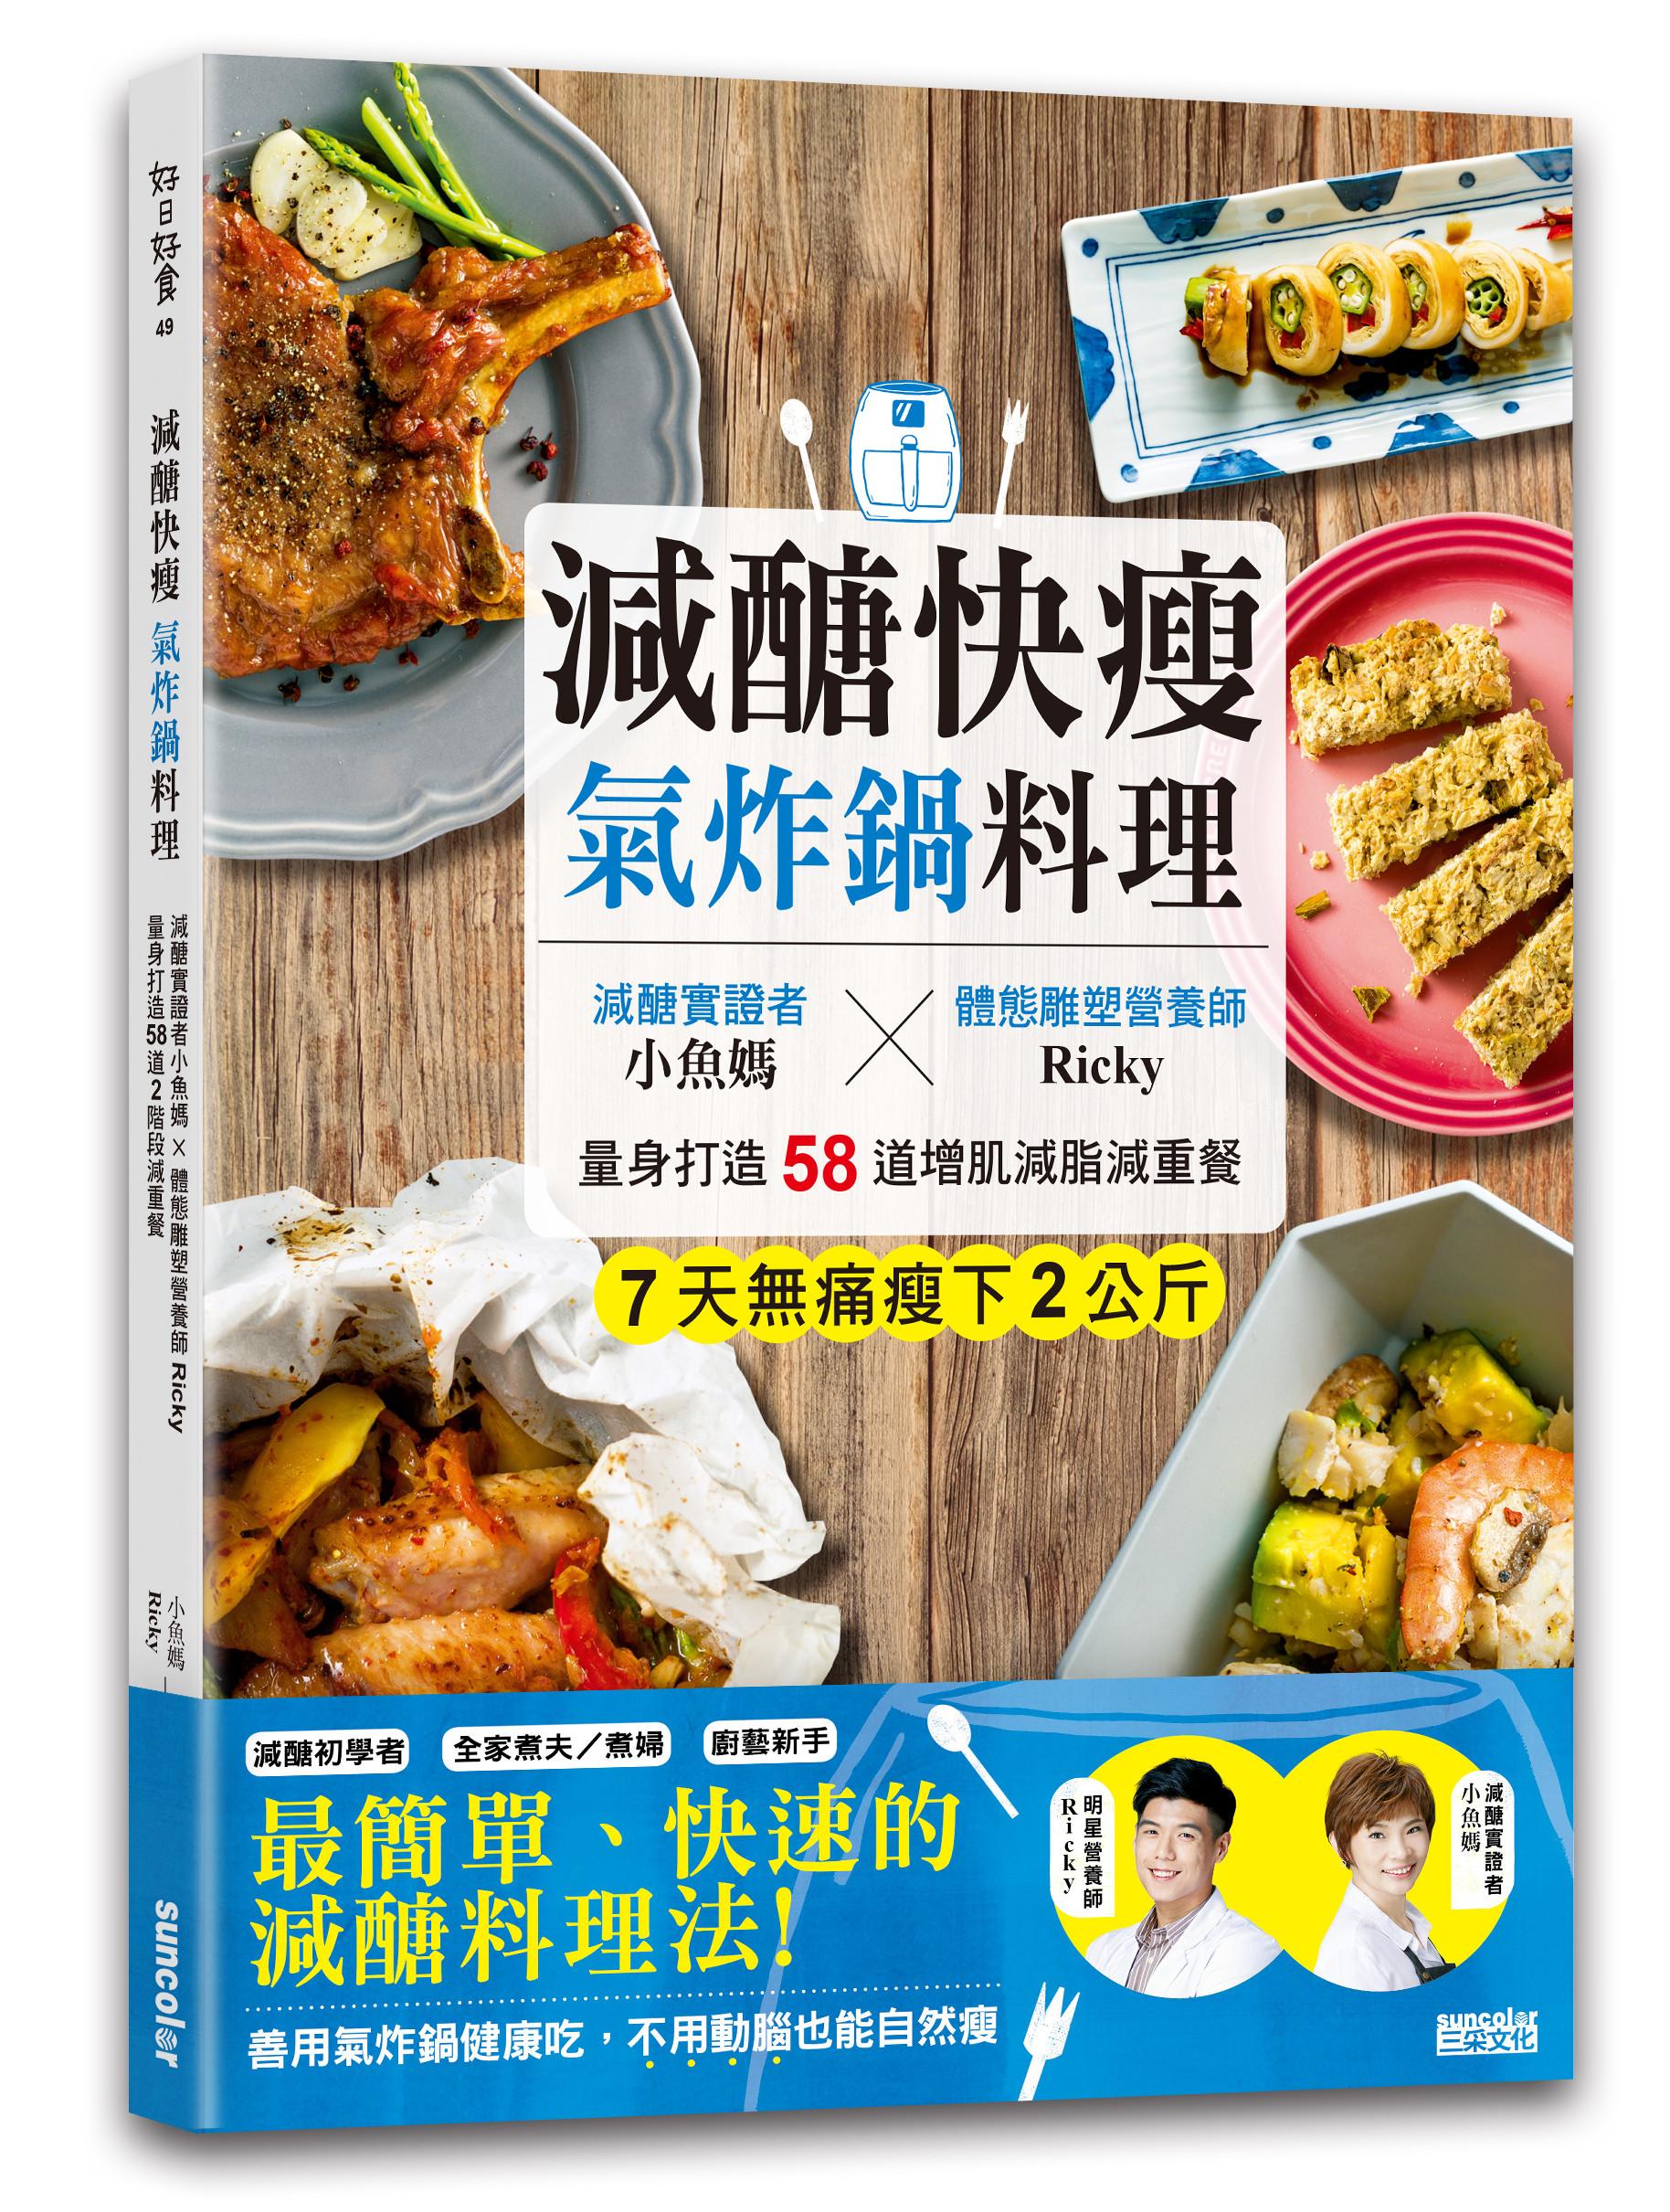 ▲▼書籍《減醣快瘦 氣炸鍋料理》。(圖/三采提供,請勿隨意翻拍,以免侵權。)